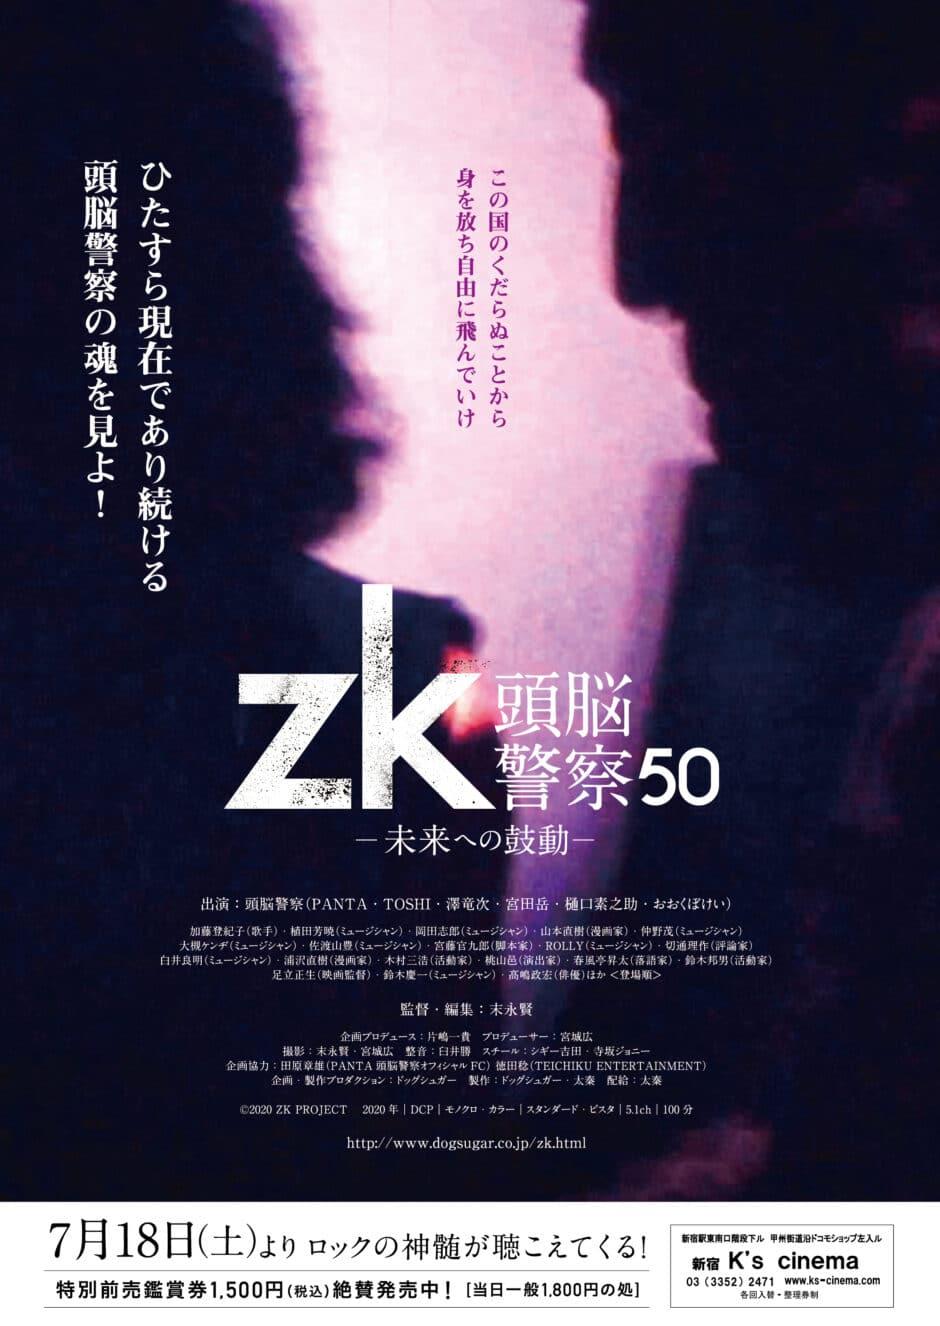 『zk/頭脳警察50 未来への鼓動』